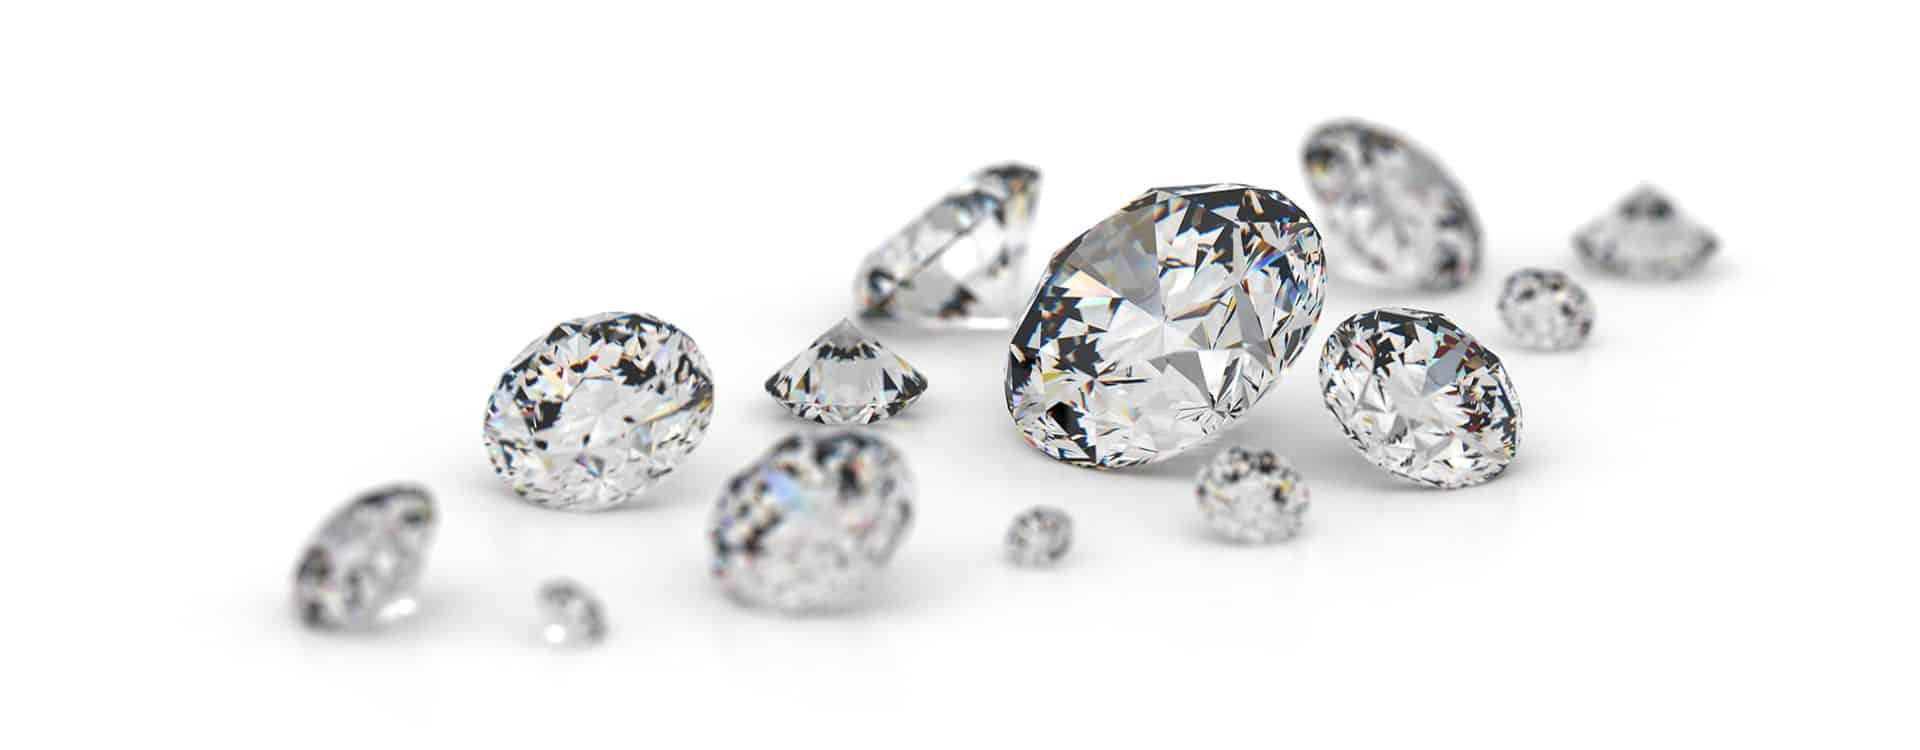 Merkle Ringe und Schmuck Herkunft der Edelsteine